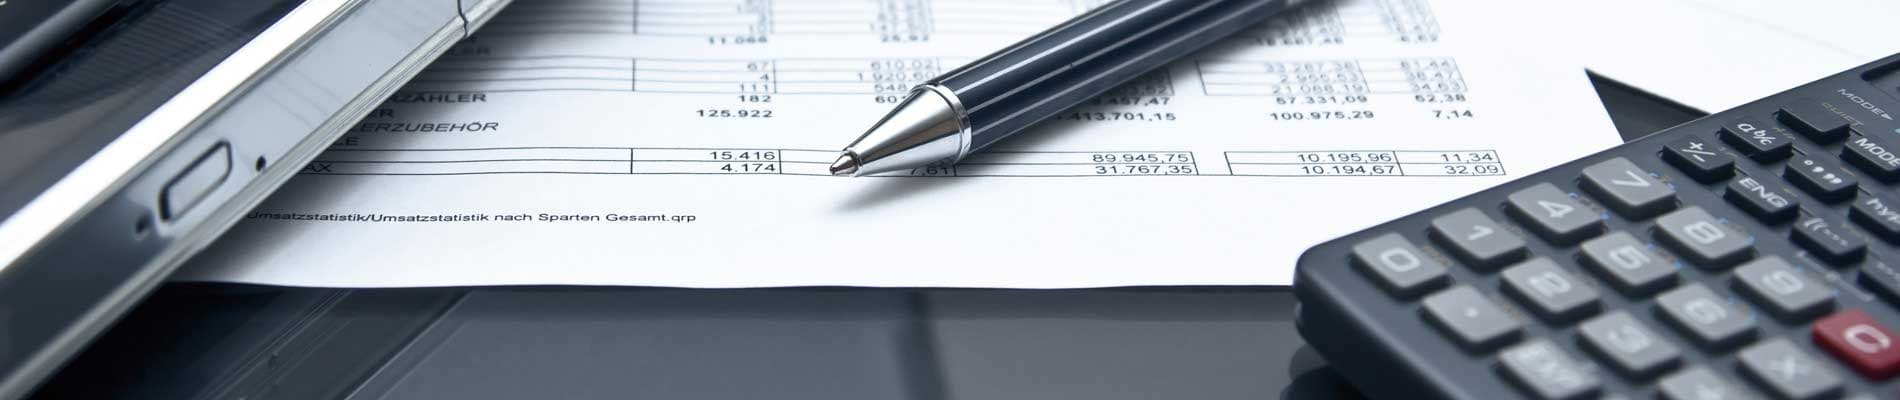 Fiscalidad y contabilidad